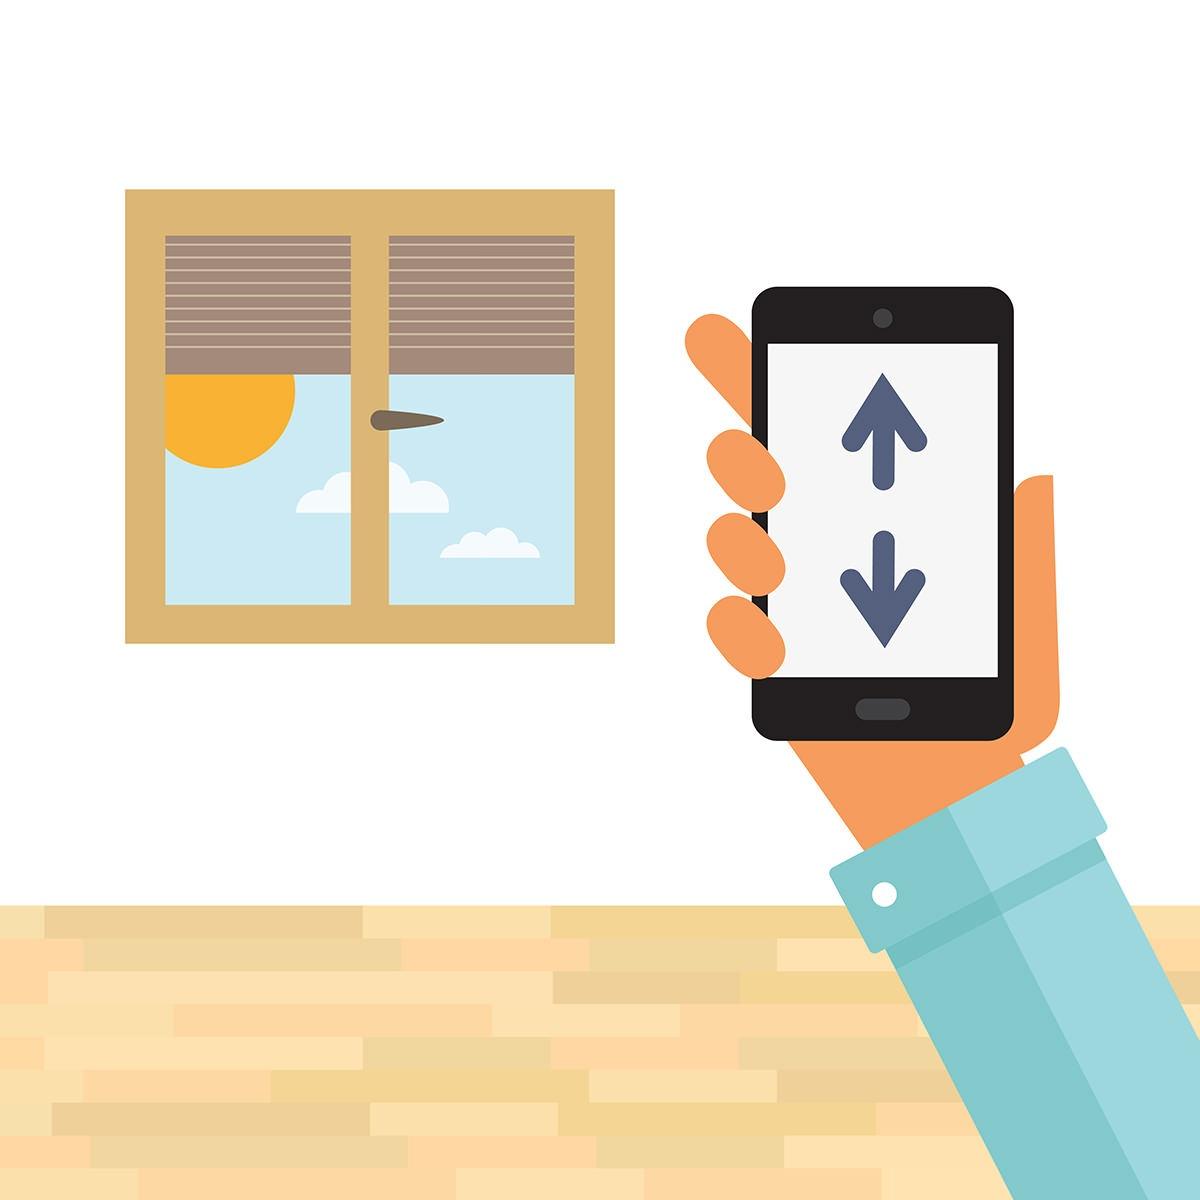 styr solskjermen screens med telefonen i en future living bolig